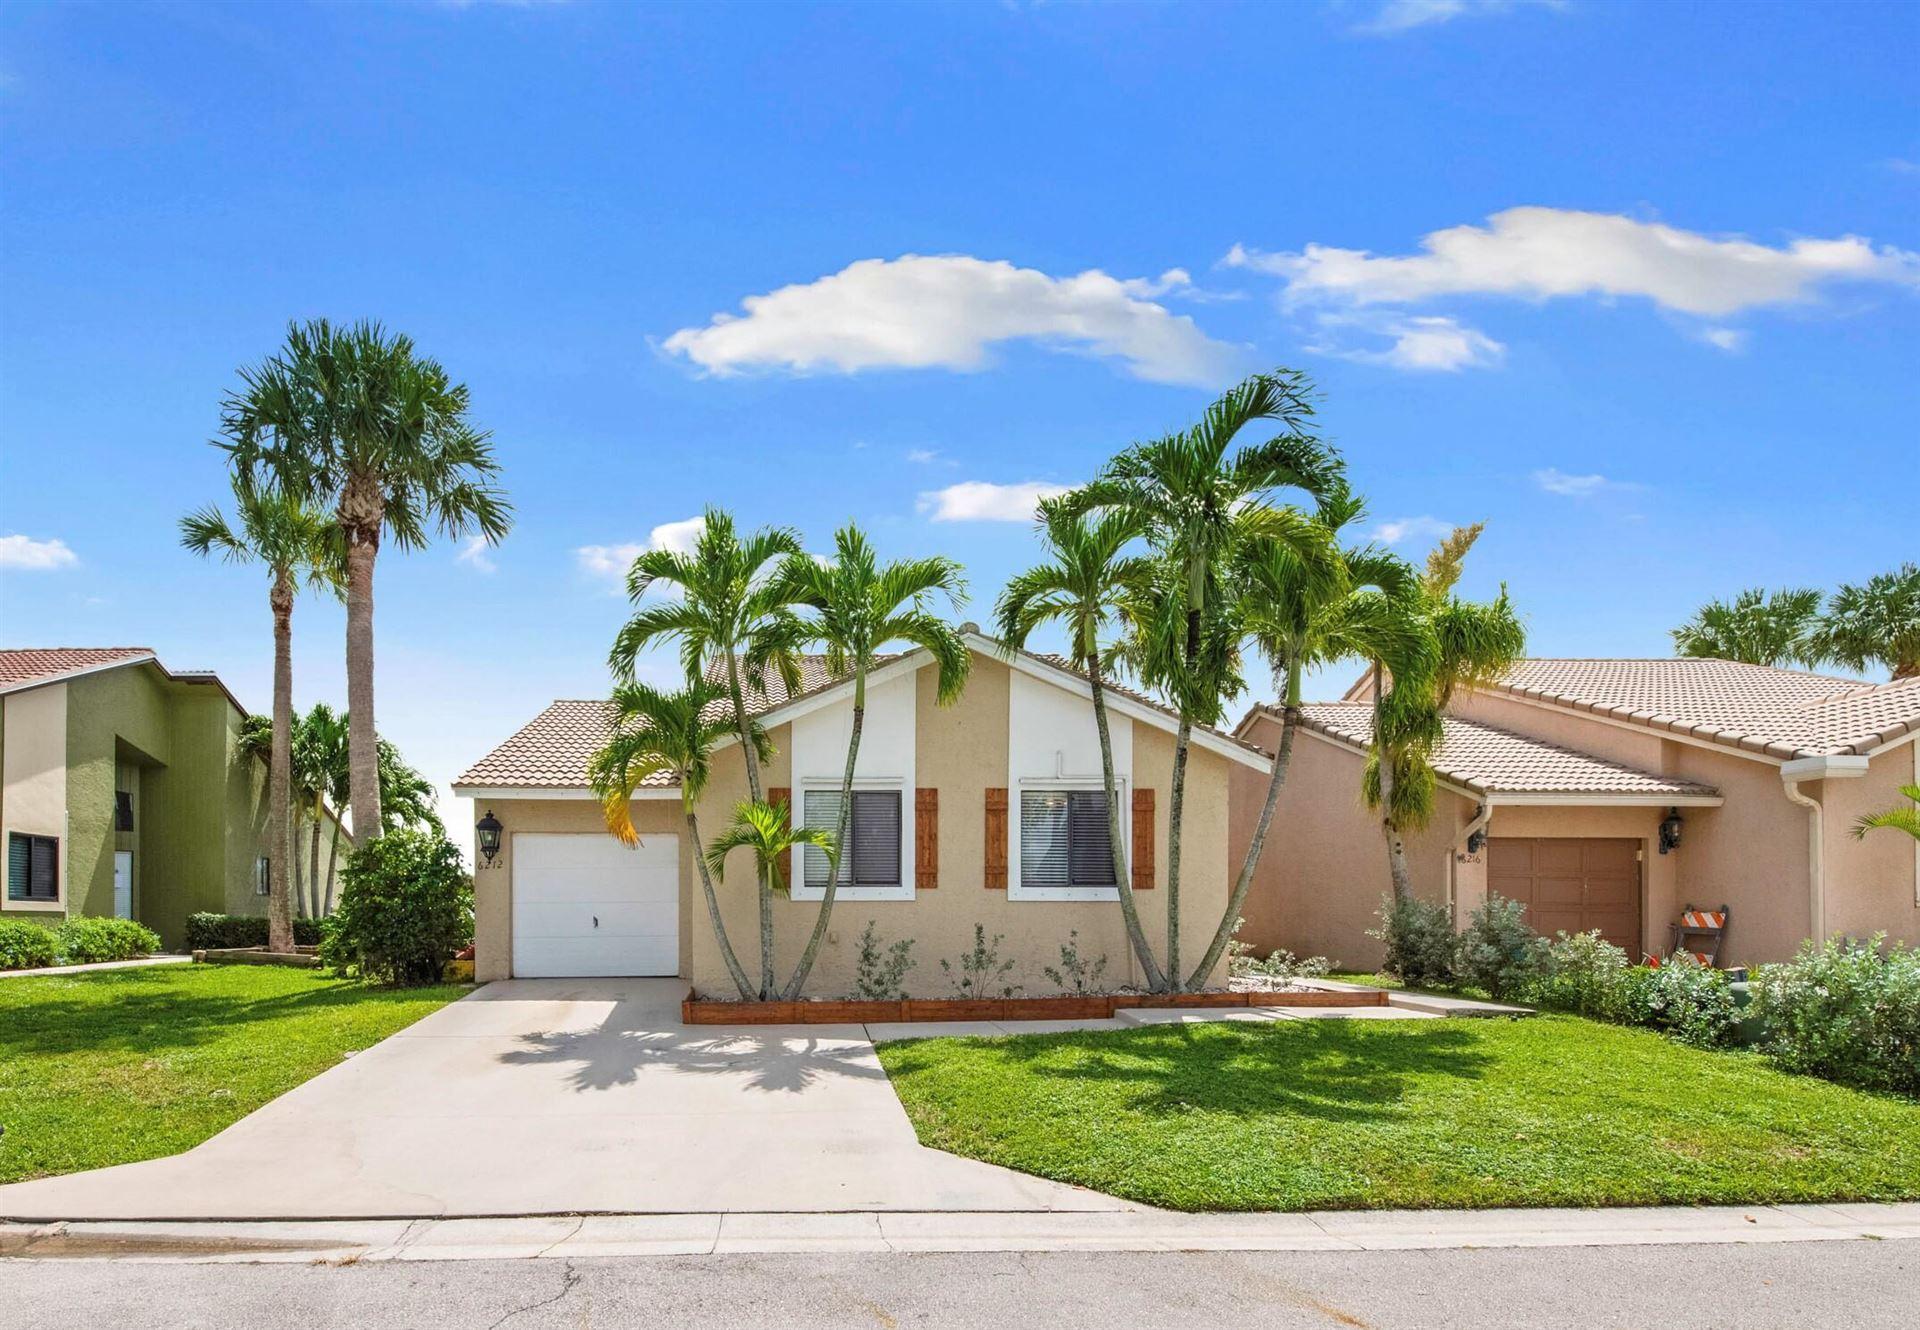 6212 Country Fair Circle, Boynton Beach, FL 33437 - #: RX-10745732